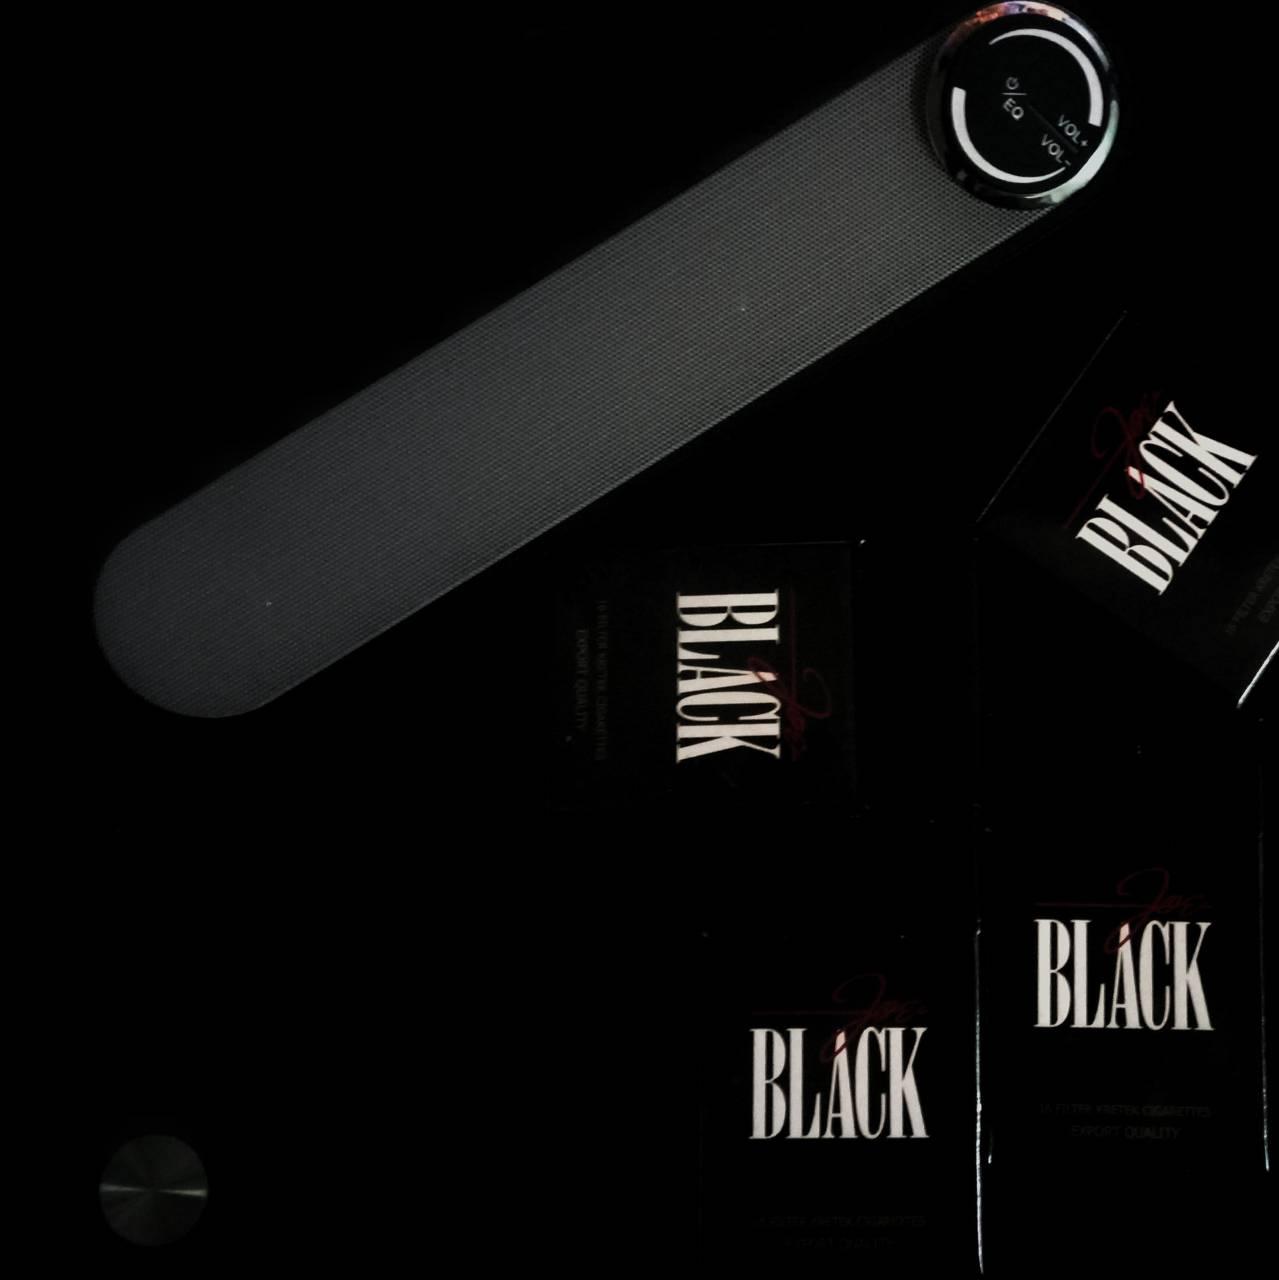 Black and Speaker